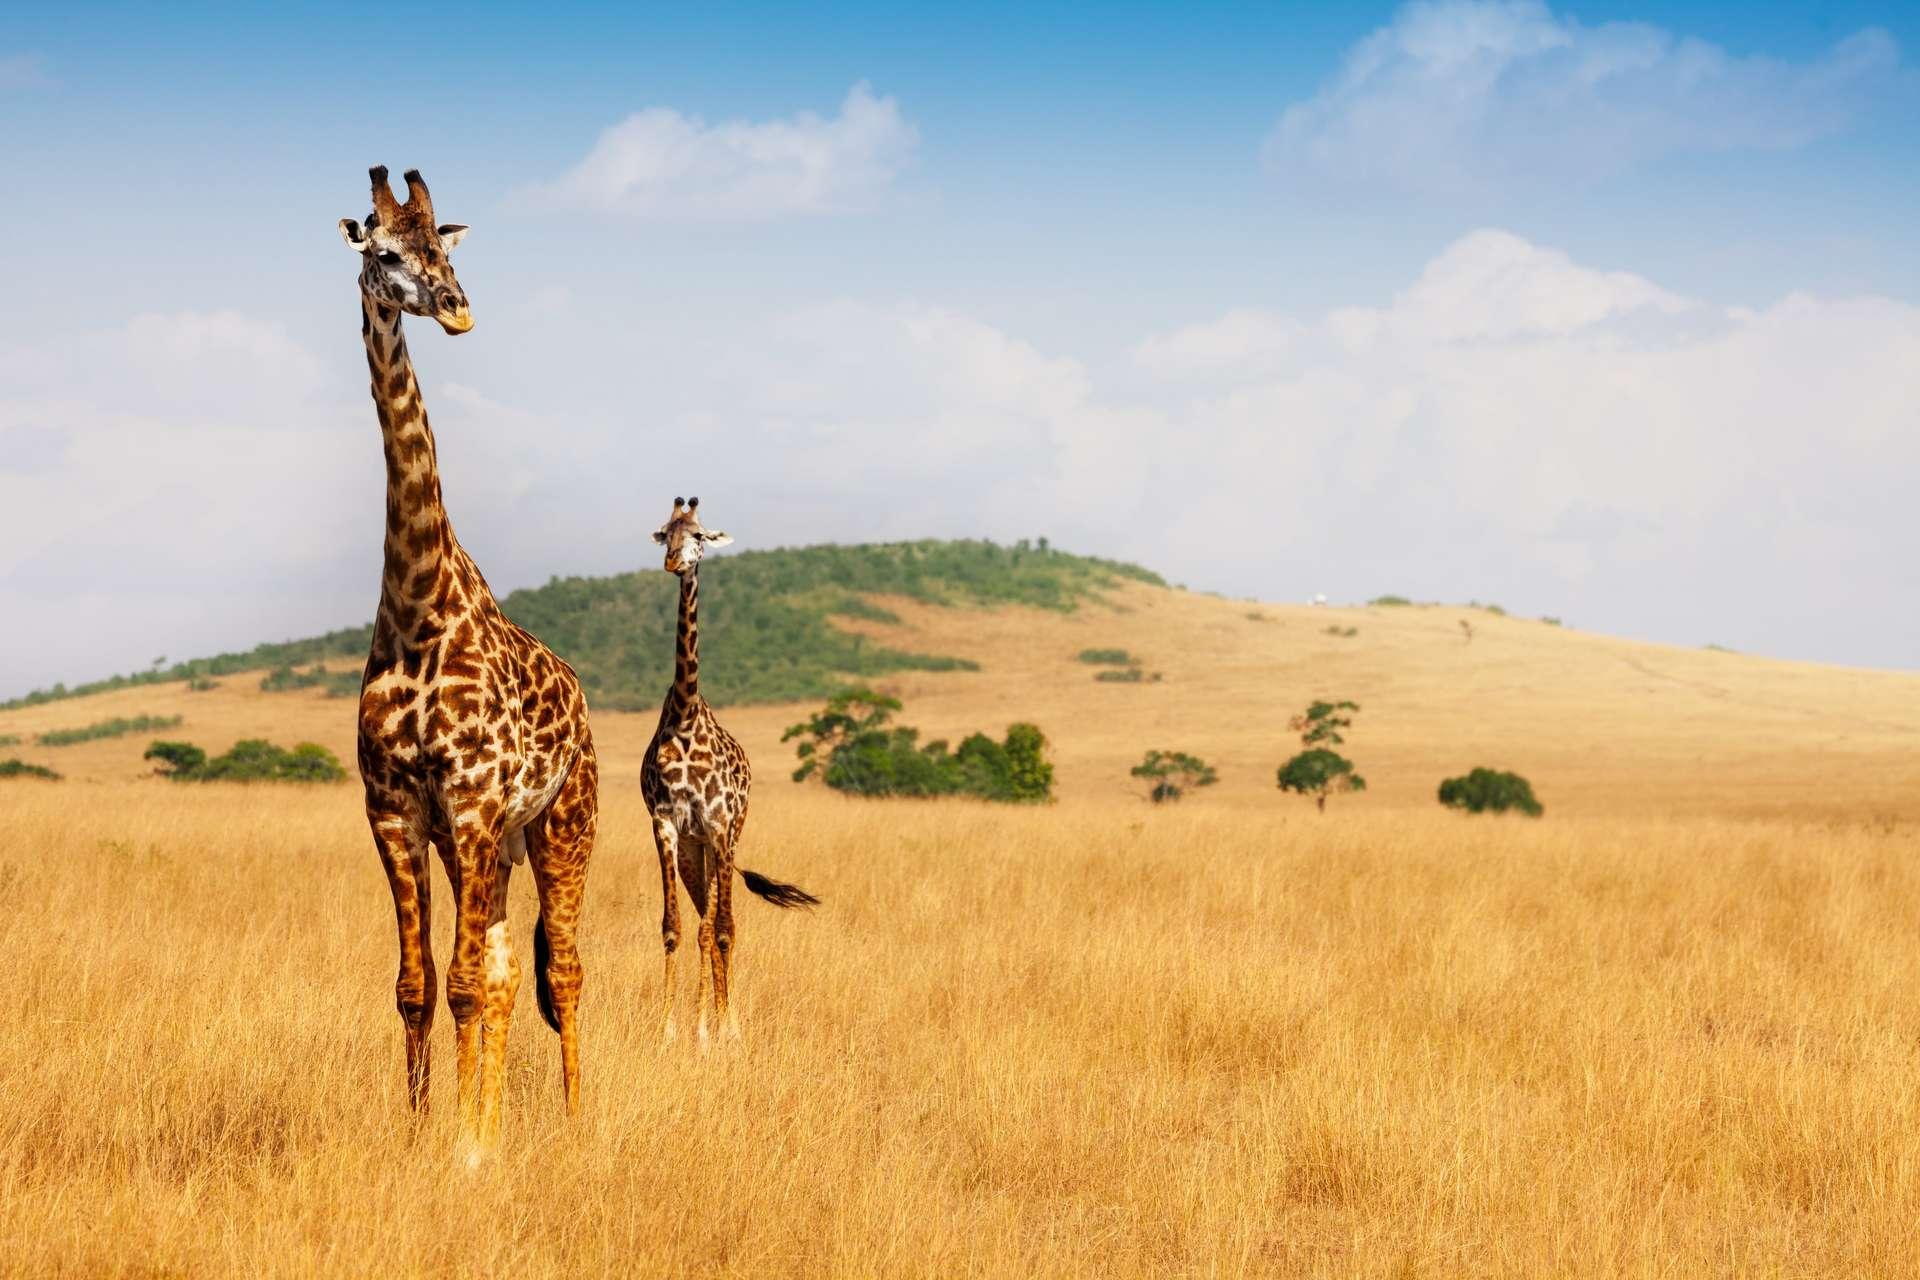 Chez les girafes mâles, la taille maximale serait de 5,80 mètres. Tandis qu'elle atteint 4,60 mètres chez les femelles. © Sergey Novikov, Adobe Stock